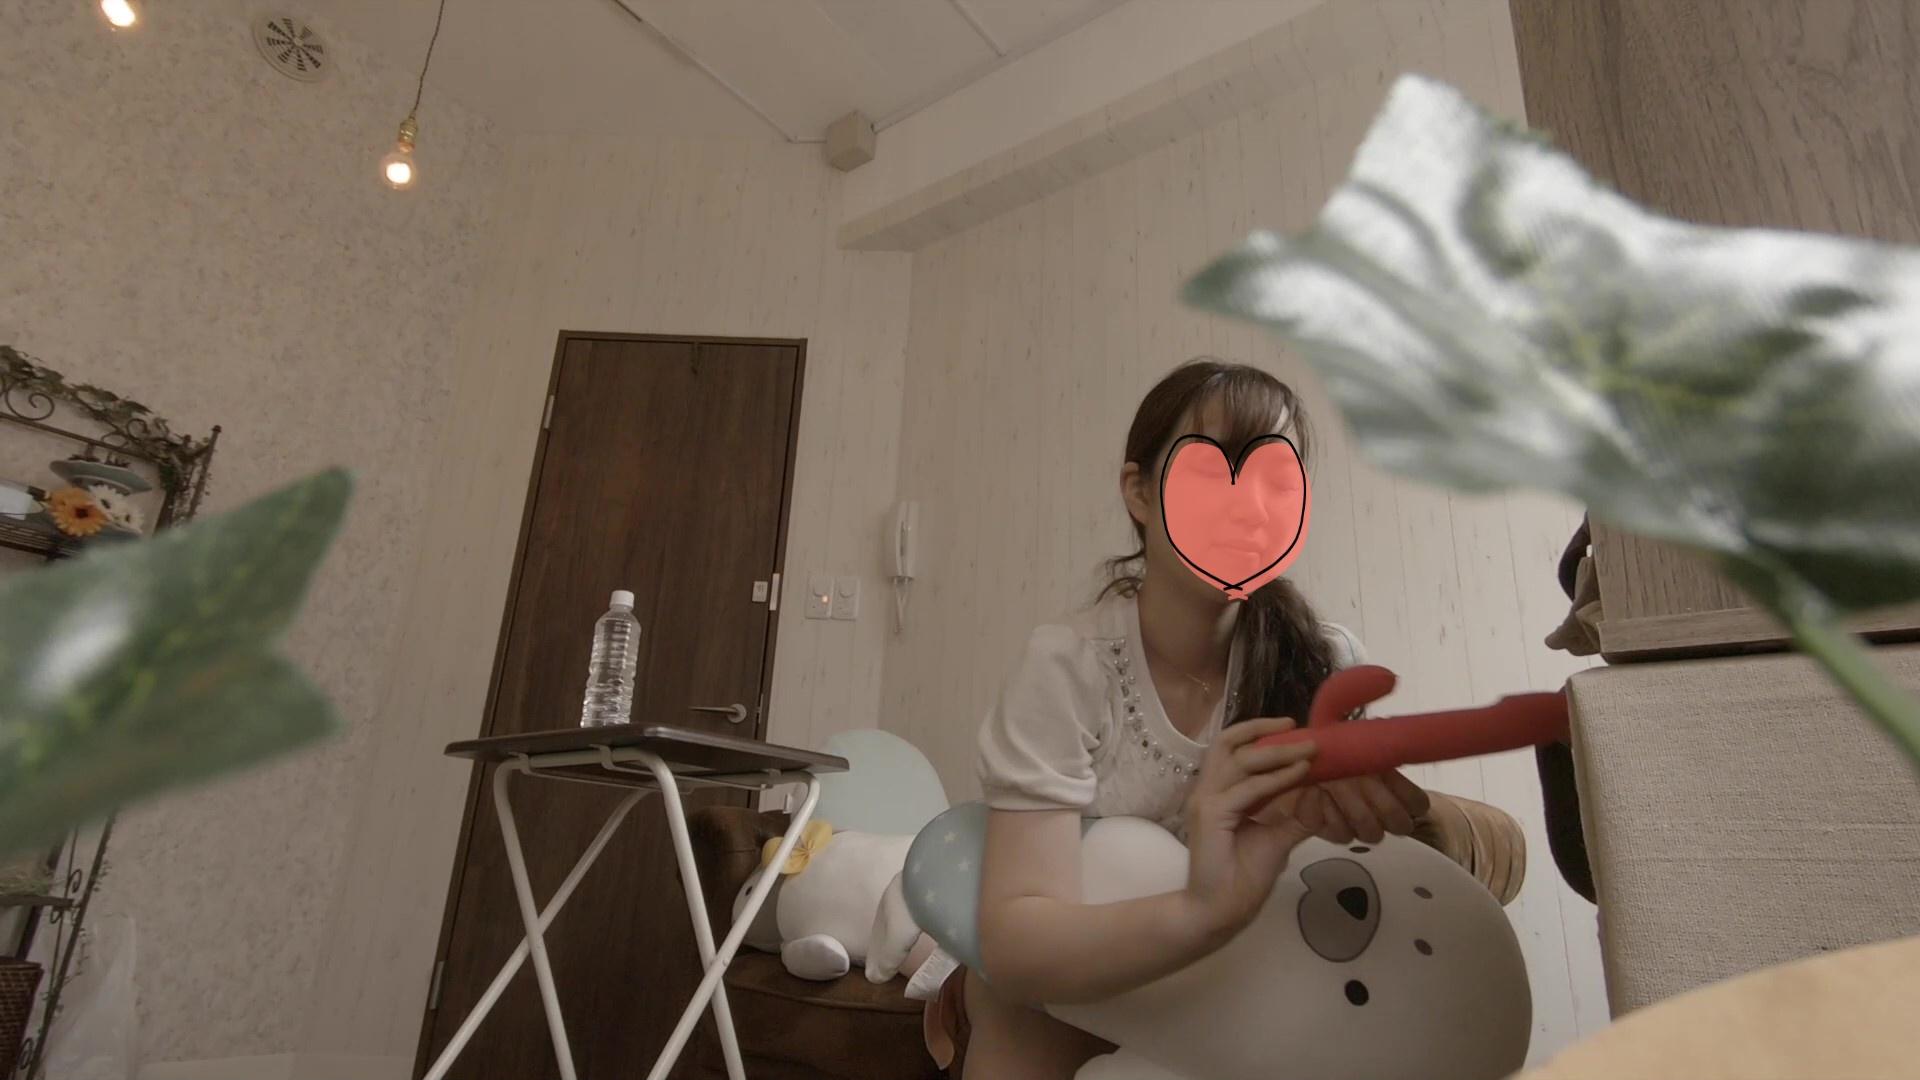 レンタルルーム盗撮 オナニー映像#05画像つき詳細レビュー